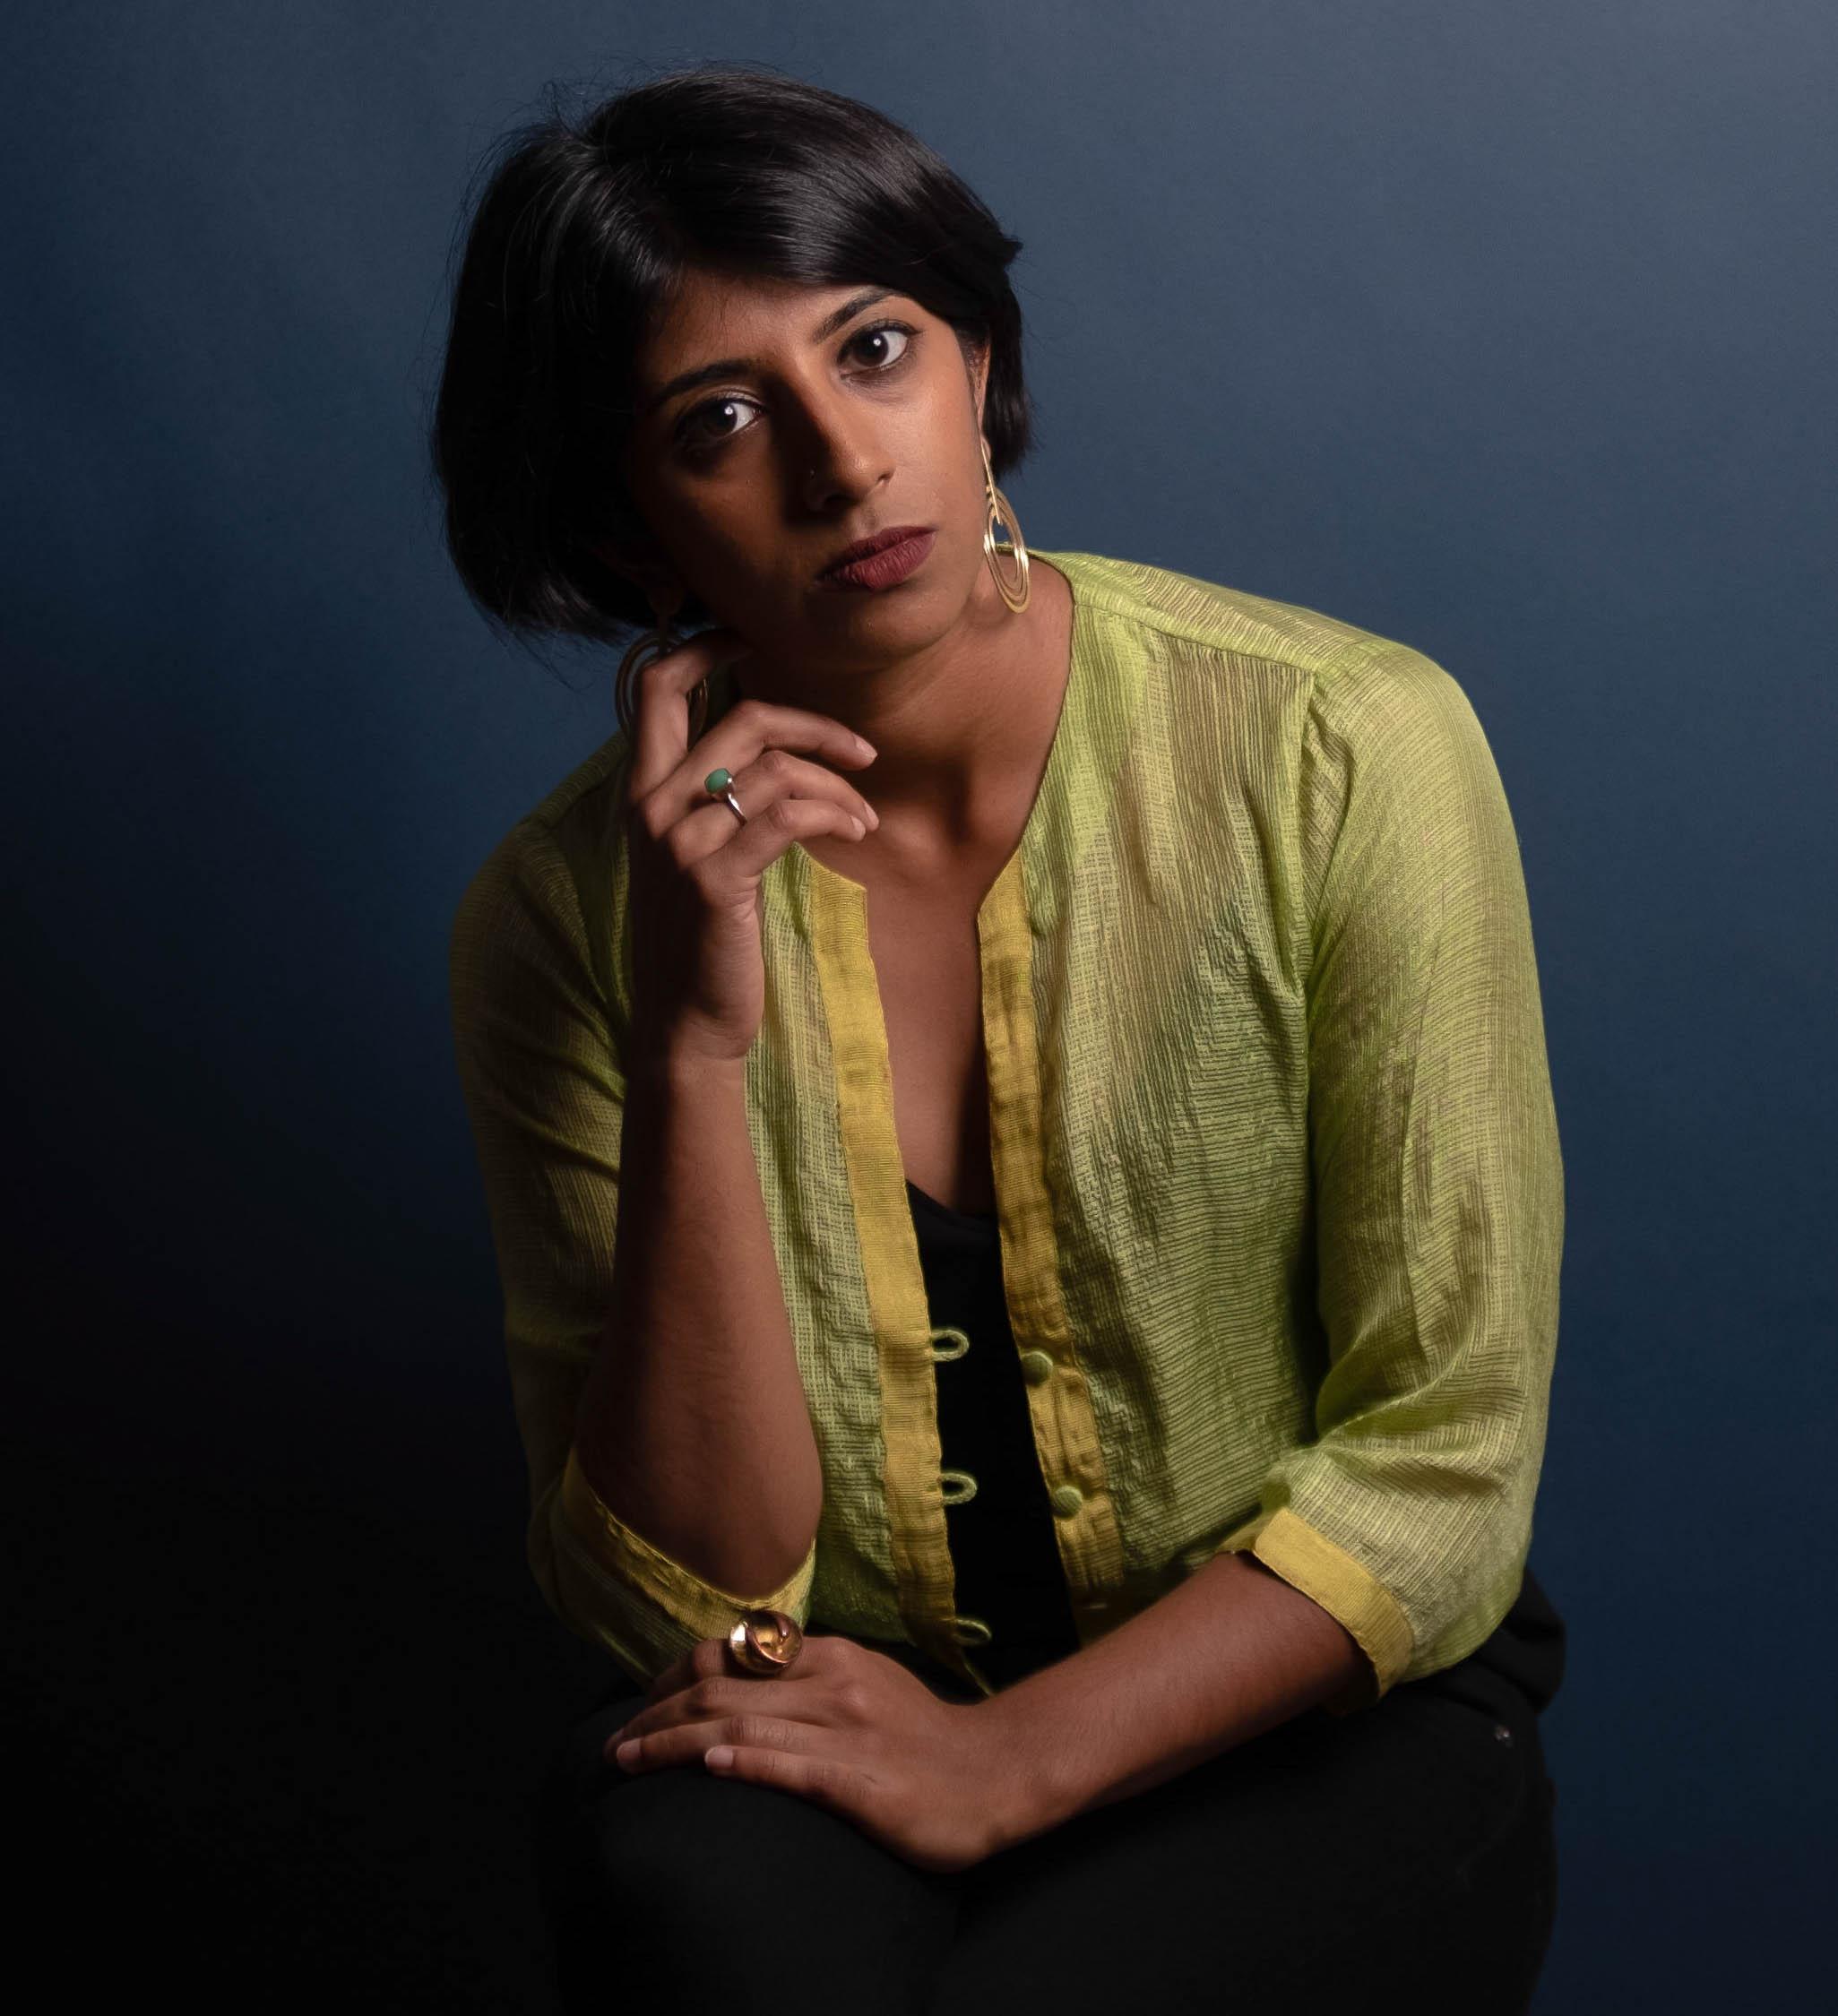 Sanjena Sathian